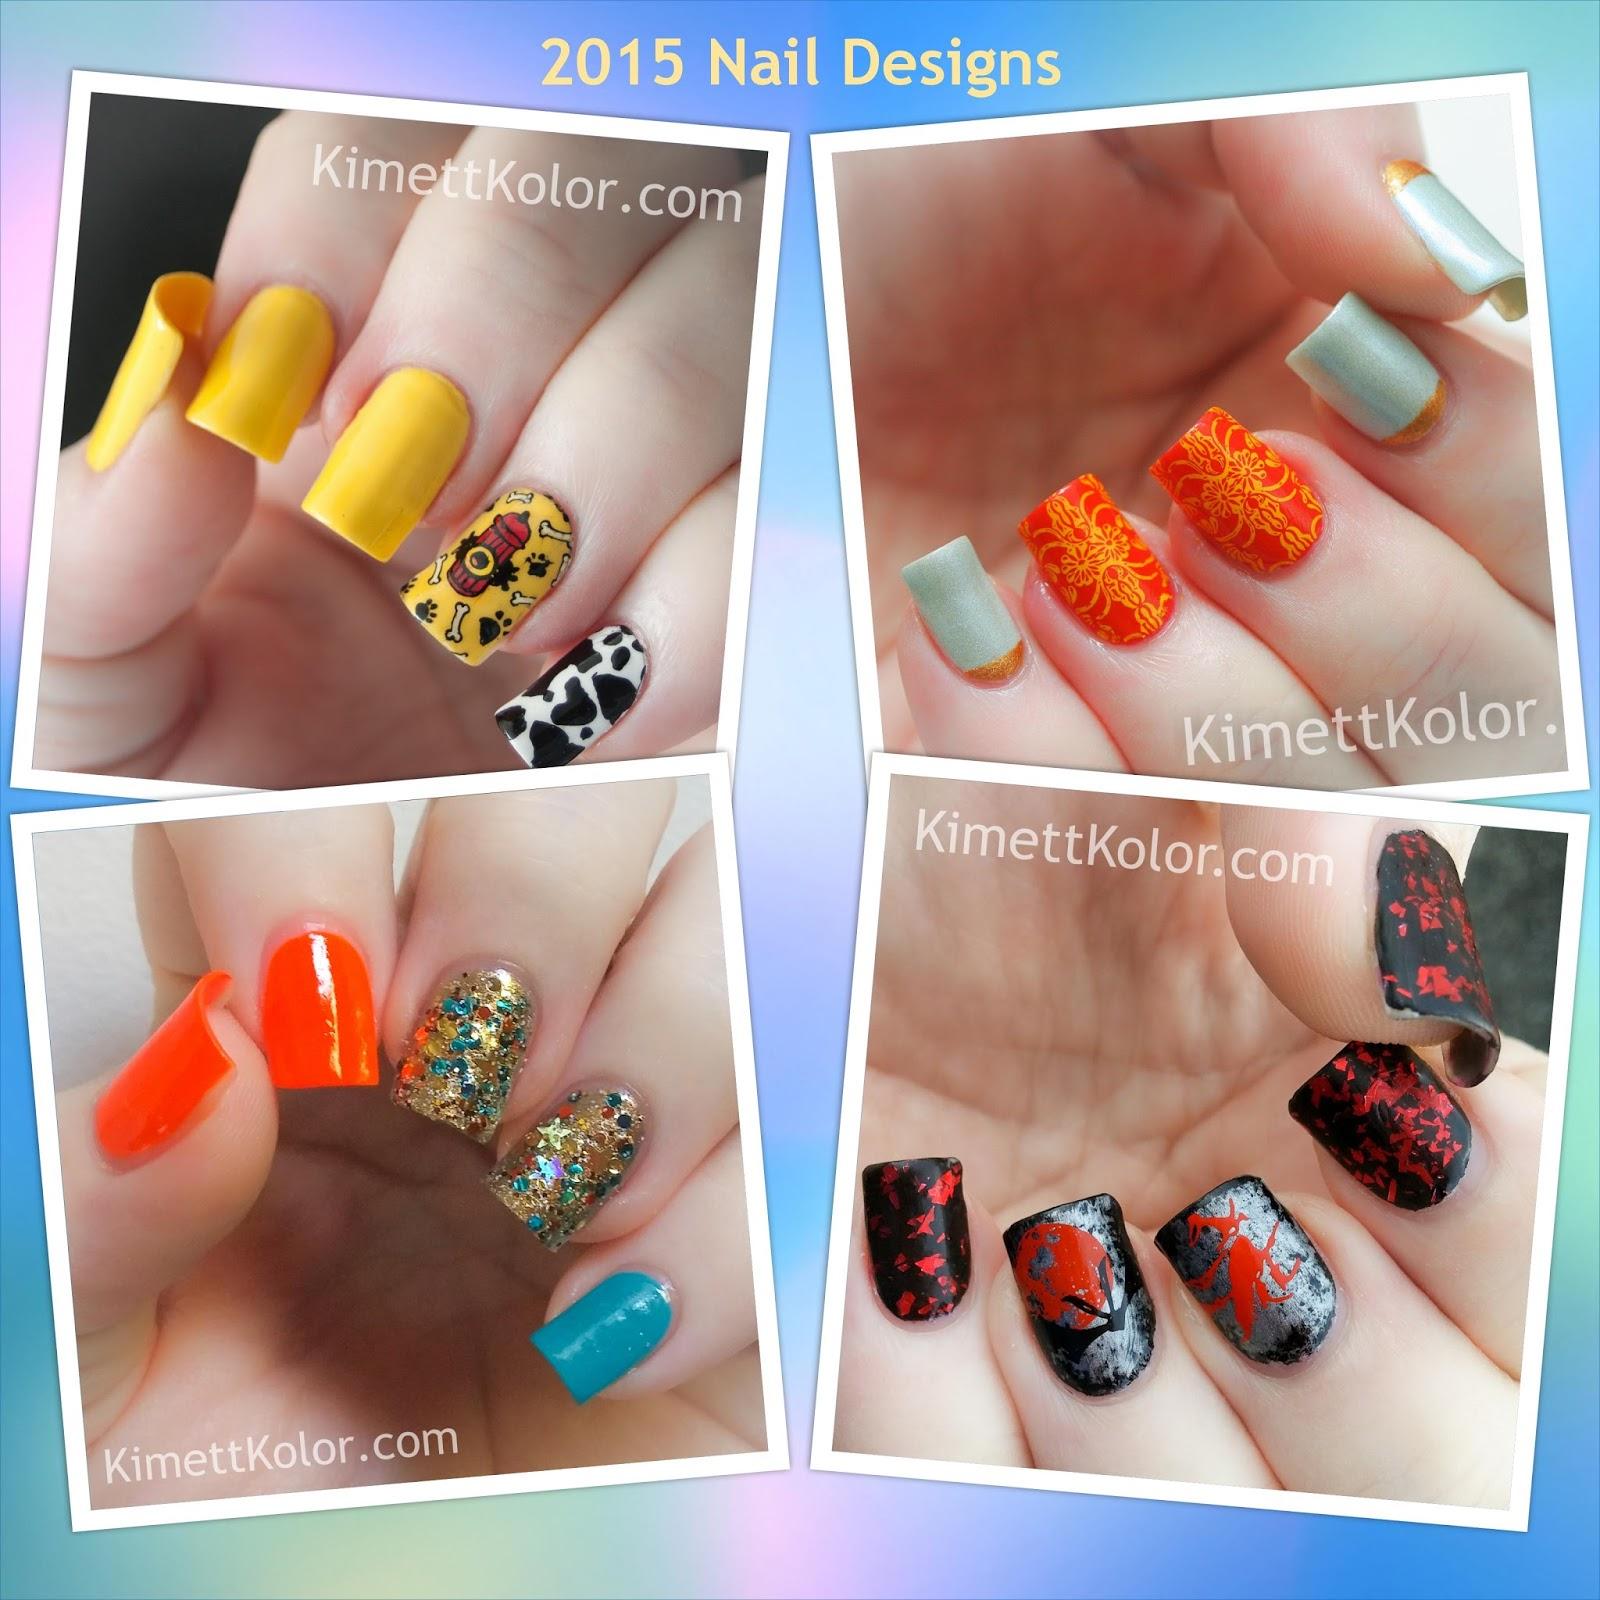 2015 Nail Designs by KimettKolor.com